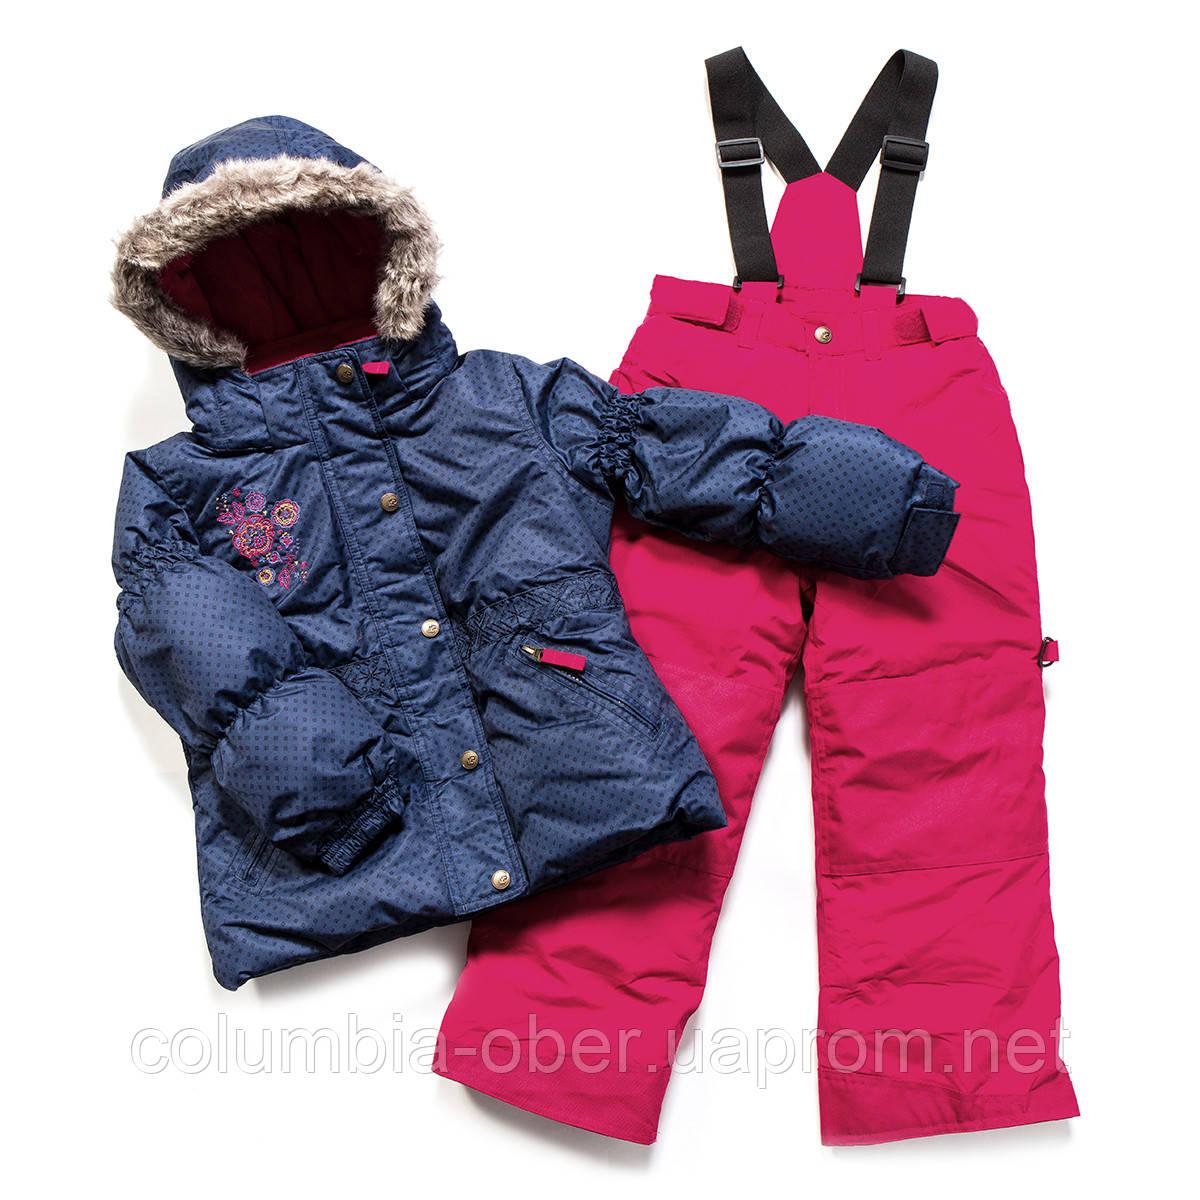 Зимний костюм для девочки PELUCHE F17 M 52 EF Navy Mauve / Framboise. Размеры 96 - 128.